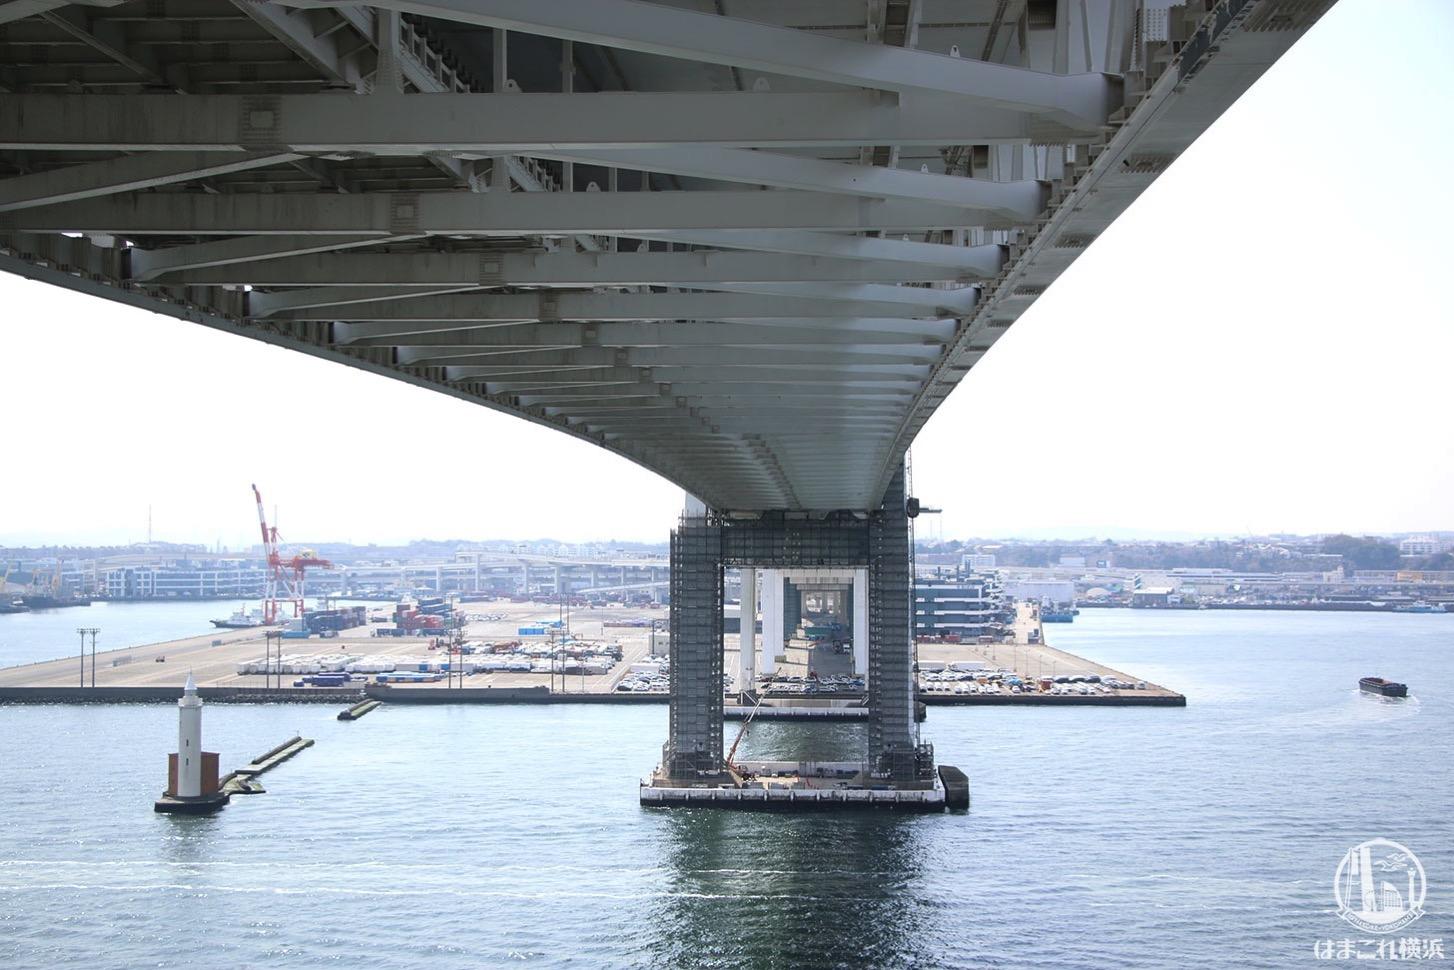 スカイラウンジ 横浜ベイブリッジの橋桁